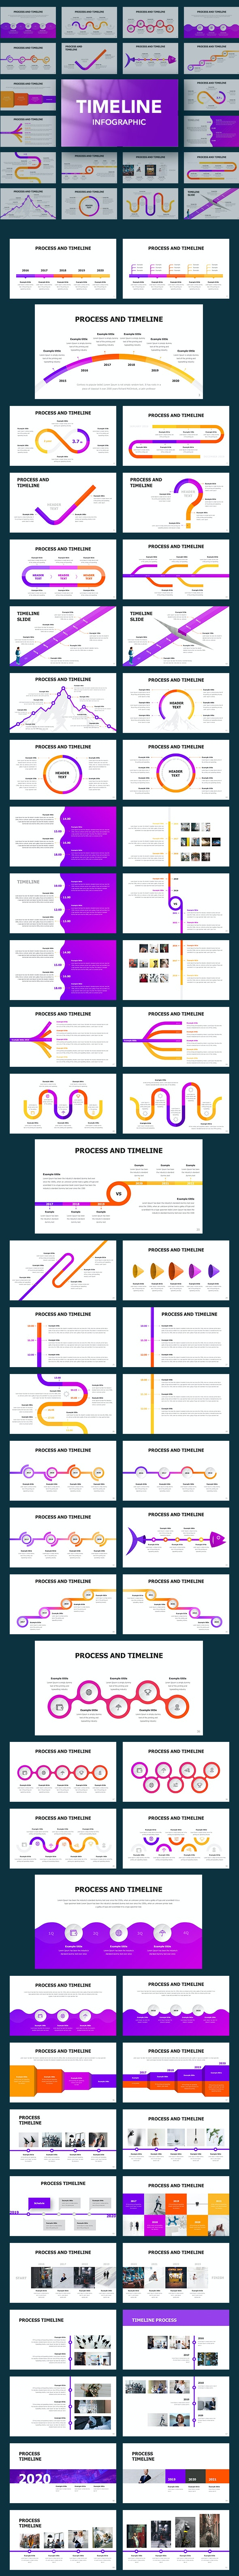 Timeline Infographic - Google Slides Presentation Templates